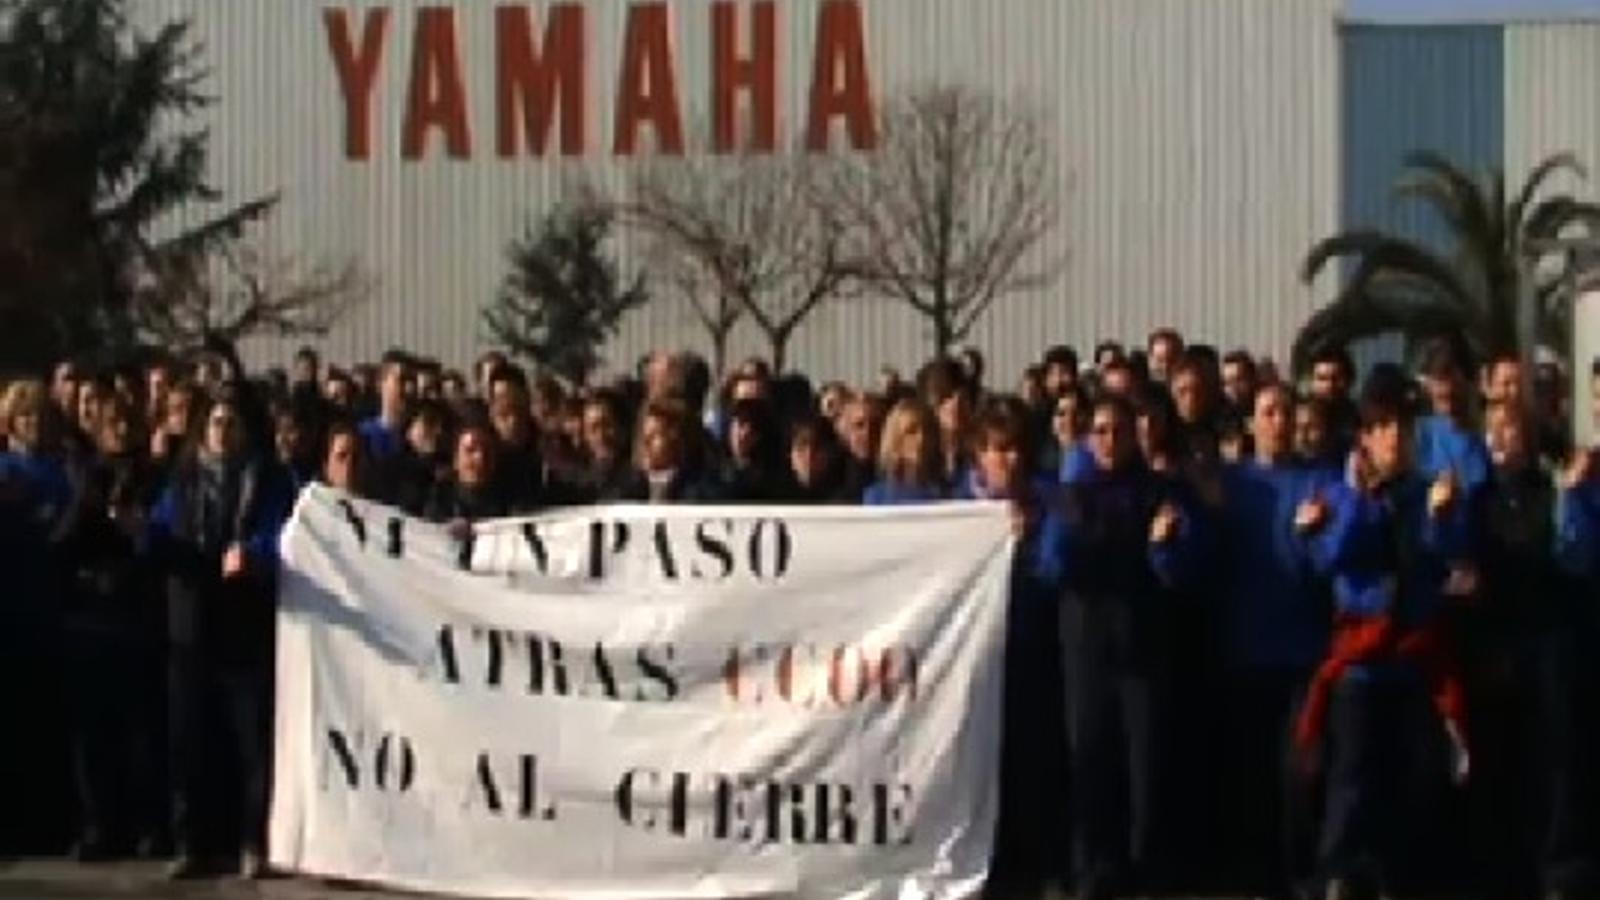 Els treballadors de Yamaha reclamen que no es tanqui la fàbrica a ritme de Beatles